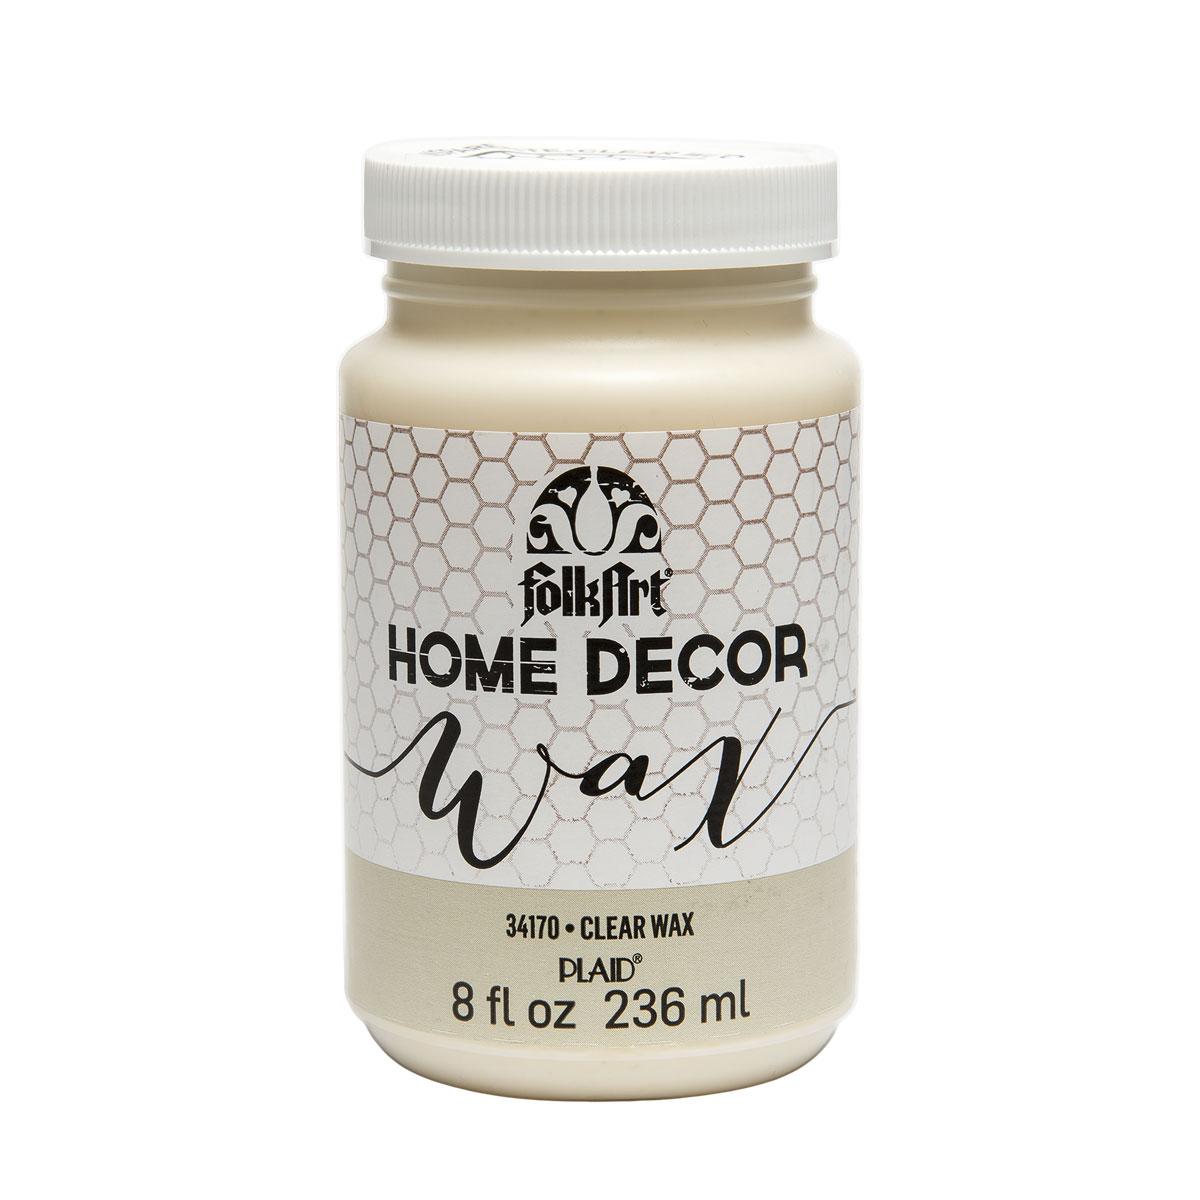 FolkArt ® Home Decor™ Wax - Clear, 8 oz.